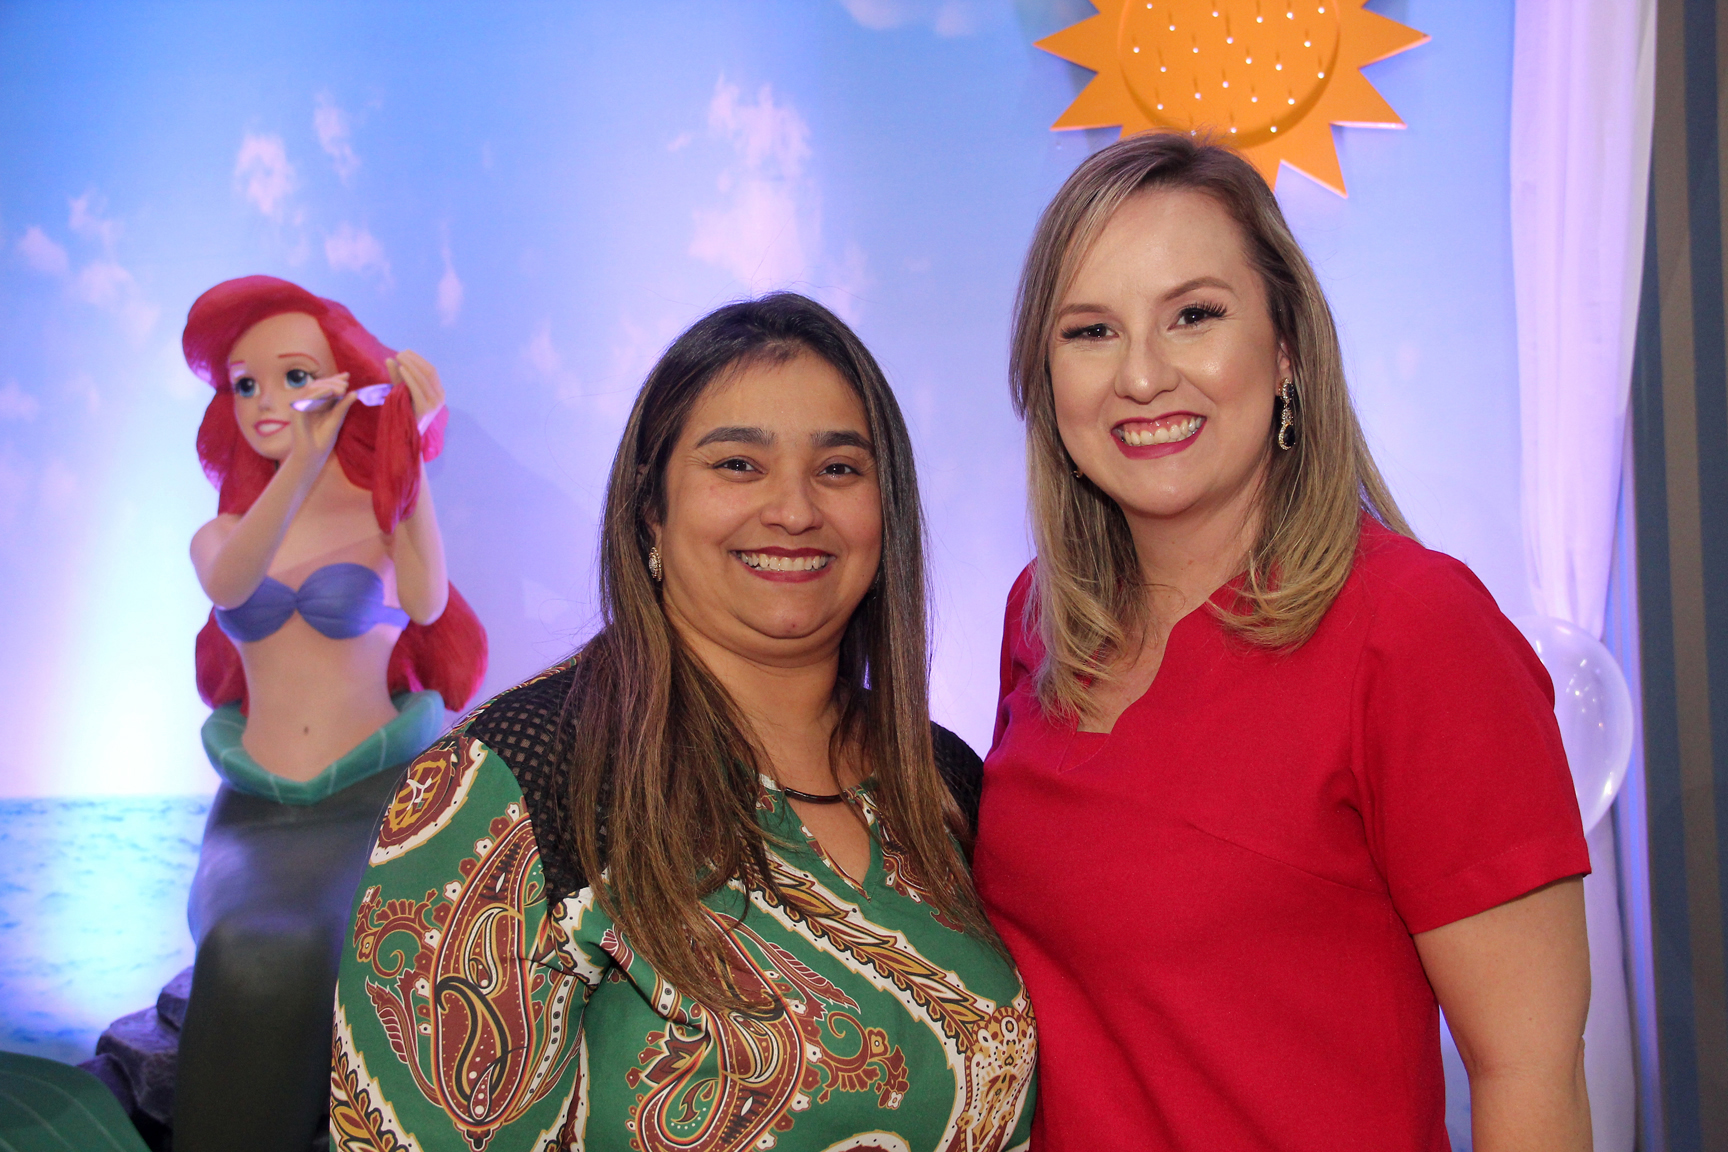 A empresária Liliane Evangelista era uma das convidadas da cerimonialista infantil Andréa Noki na Forma Festa Kids - Eventos.